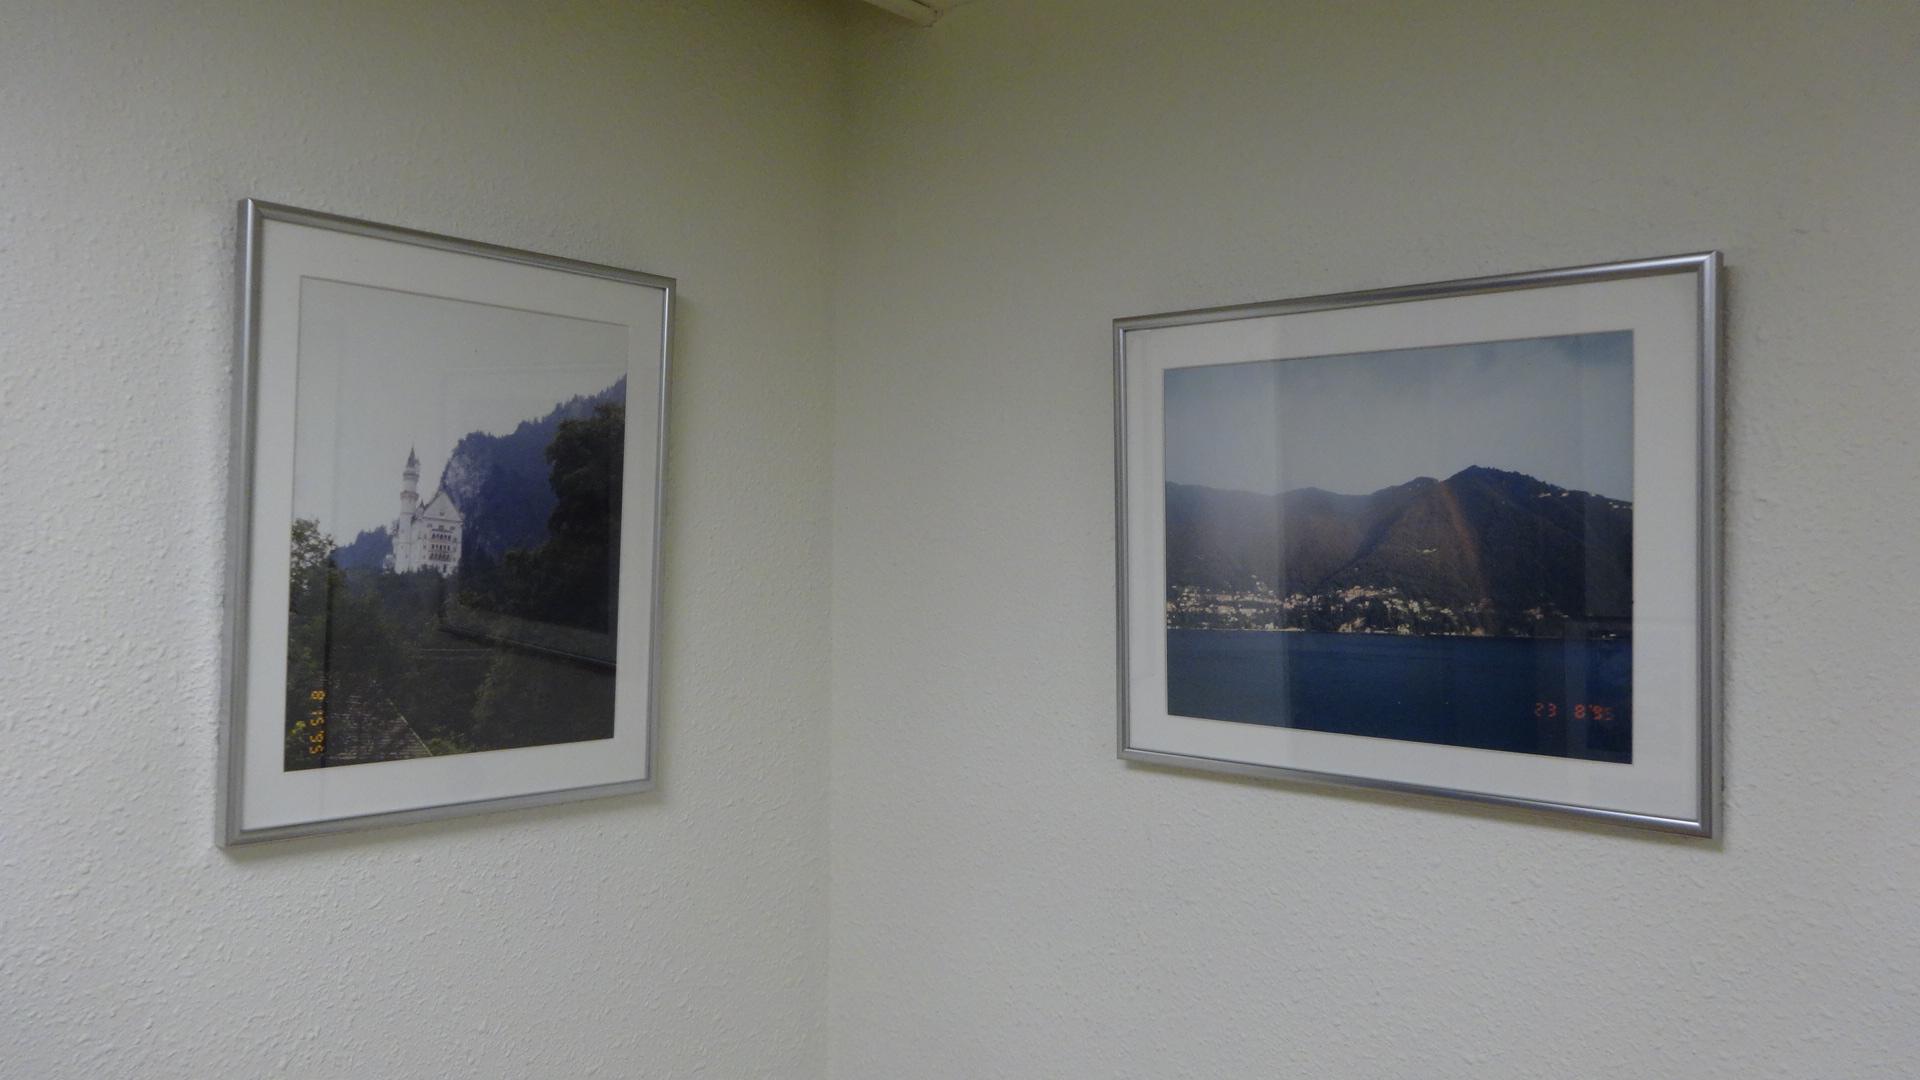 壁にかけてあるヨーロッパで撮った写真その2